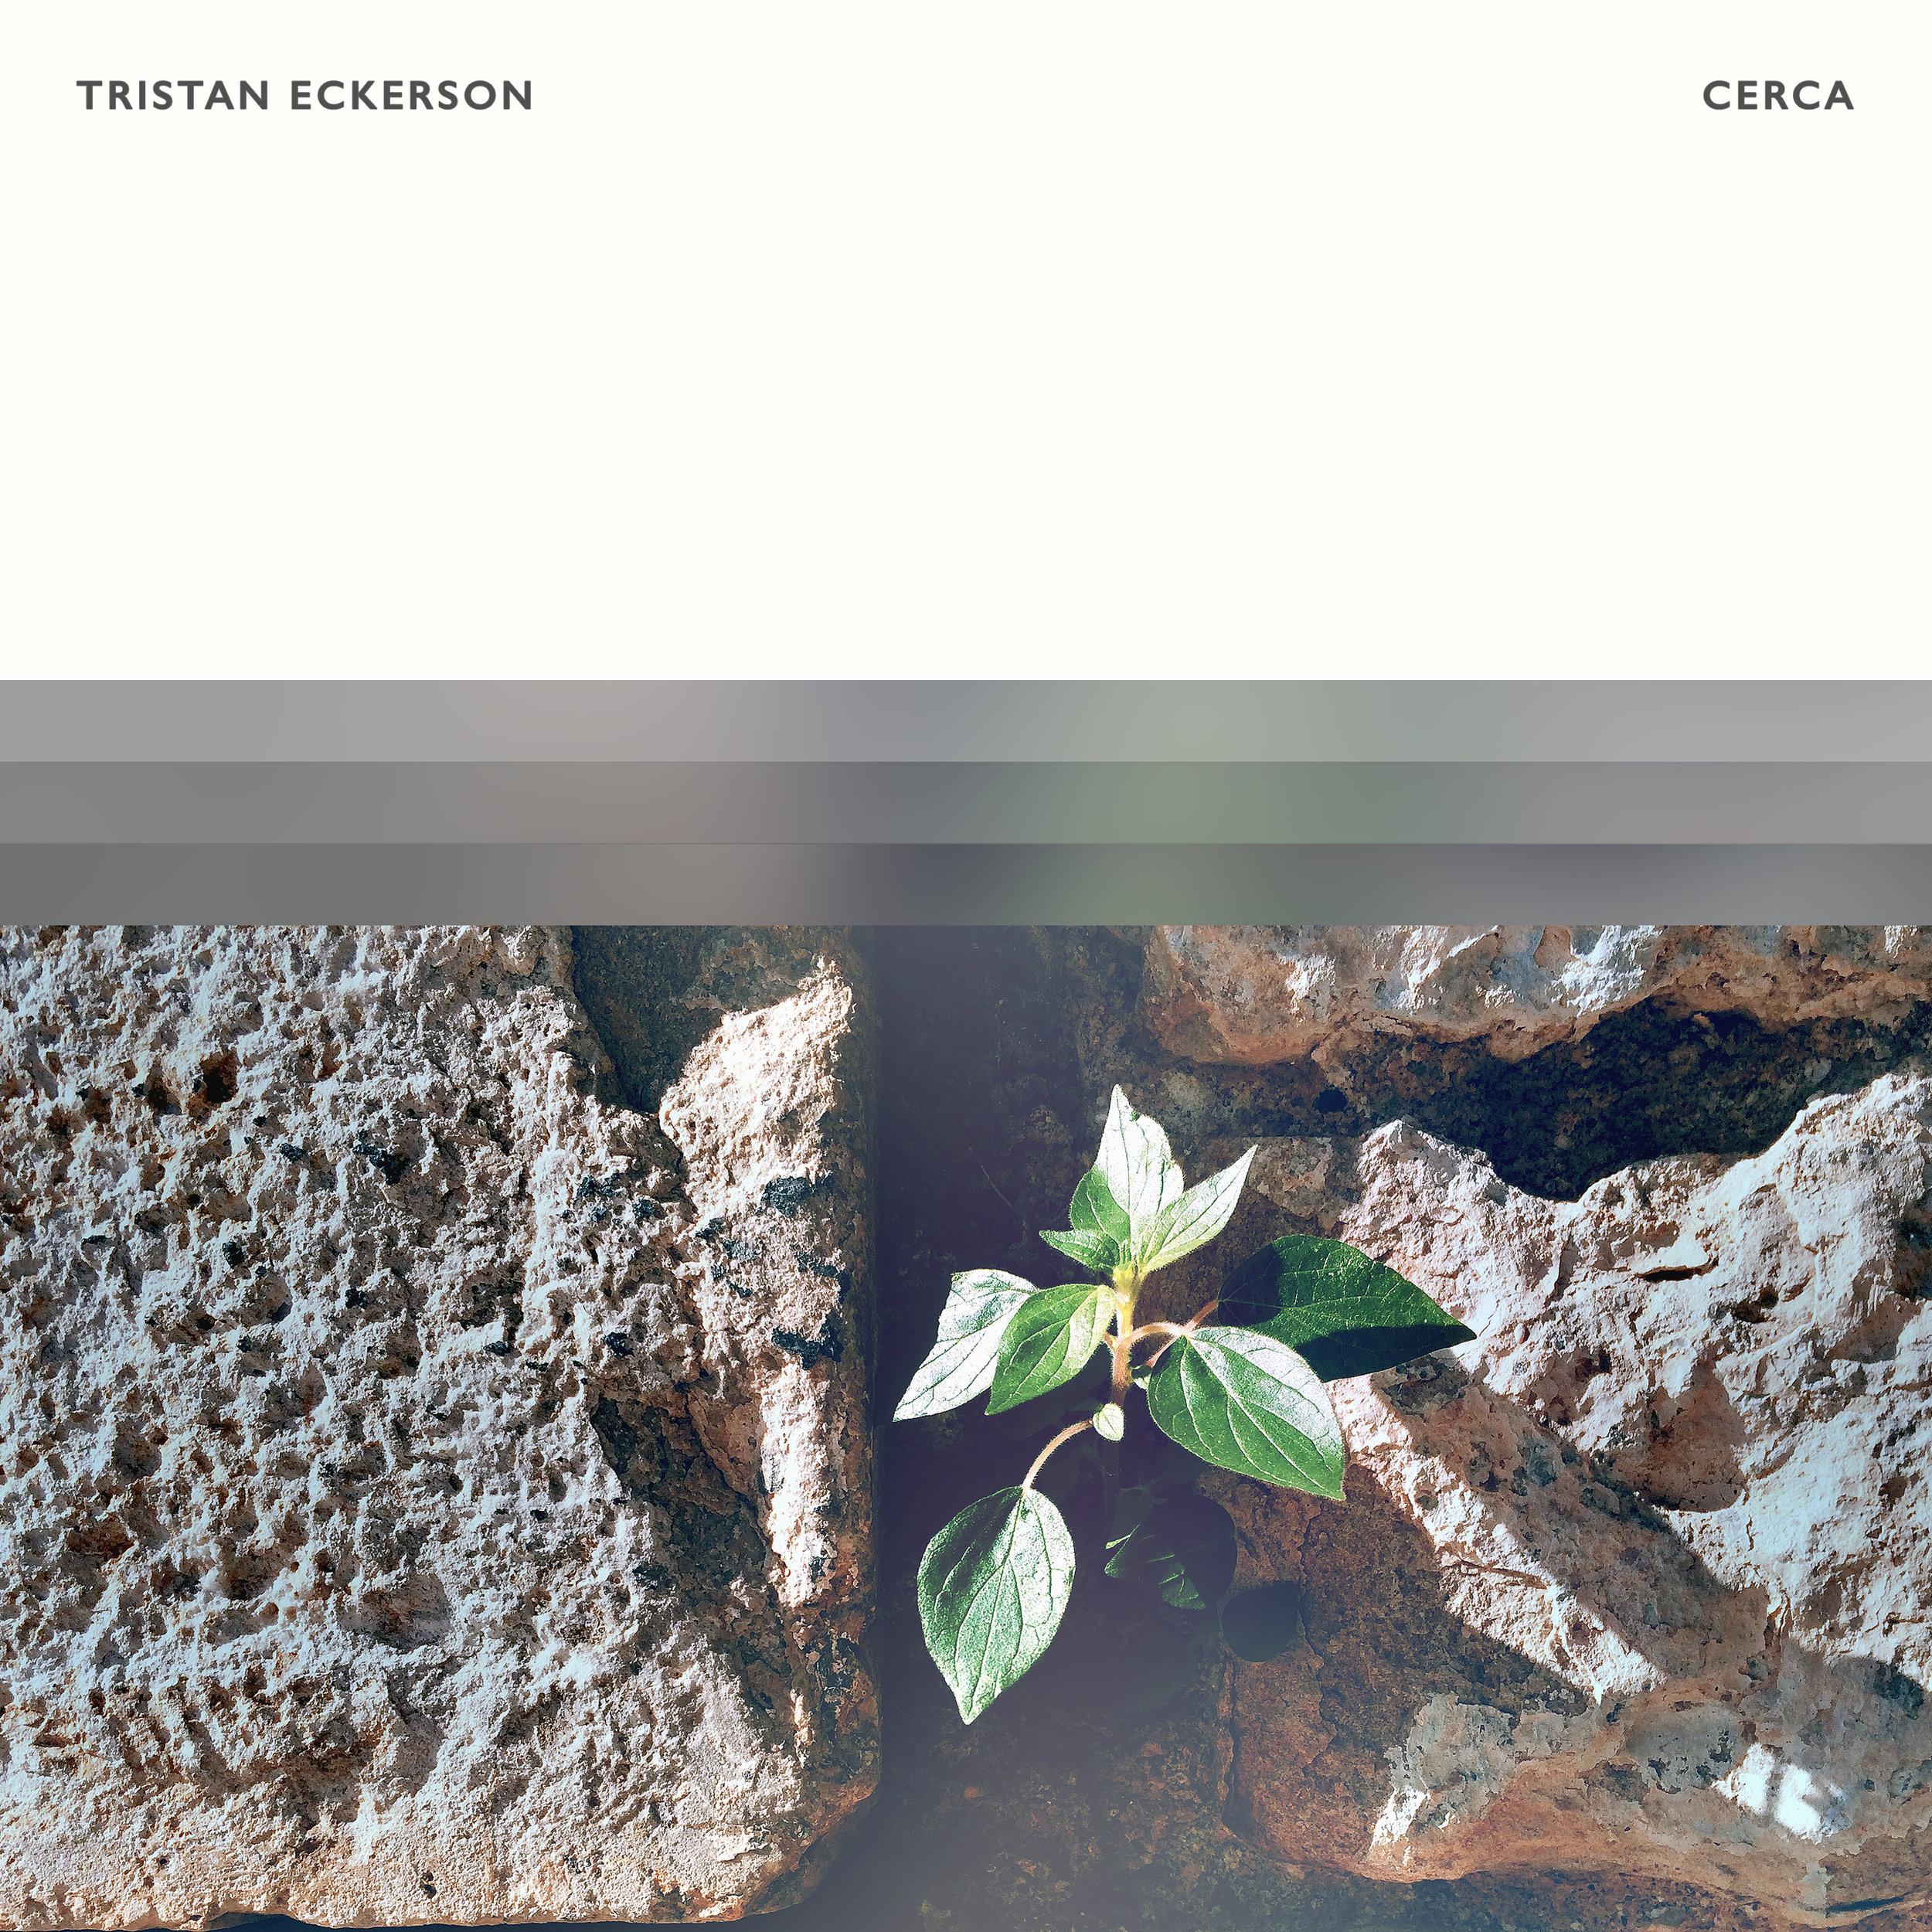 Tristan Eckerson - Cerca